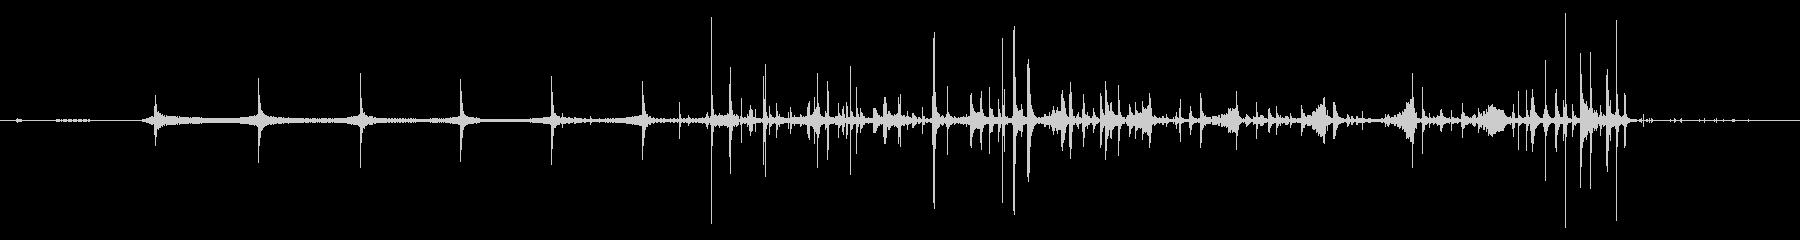 トクトク(ウィスキーをグラスに注ぐ音)の未再生の波形